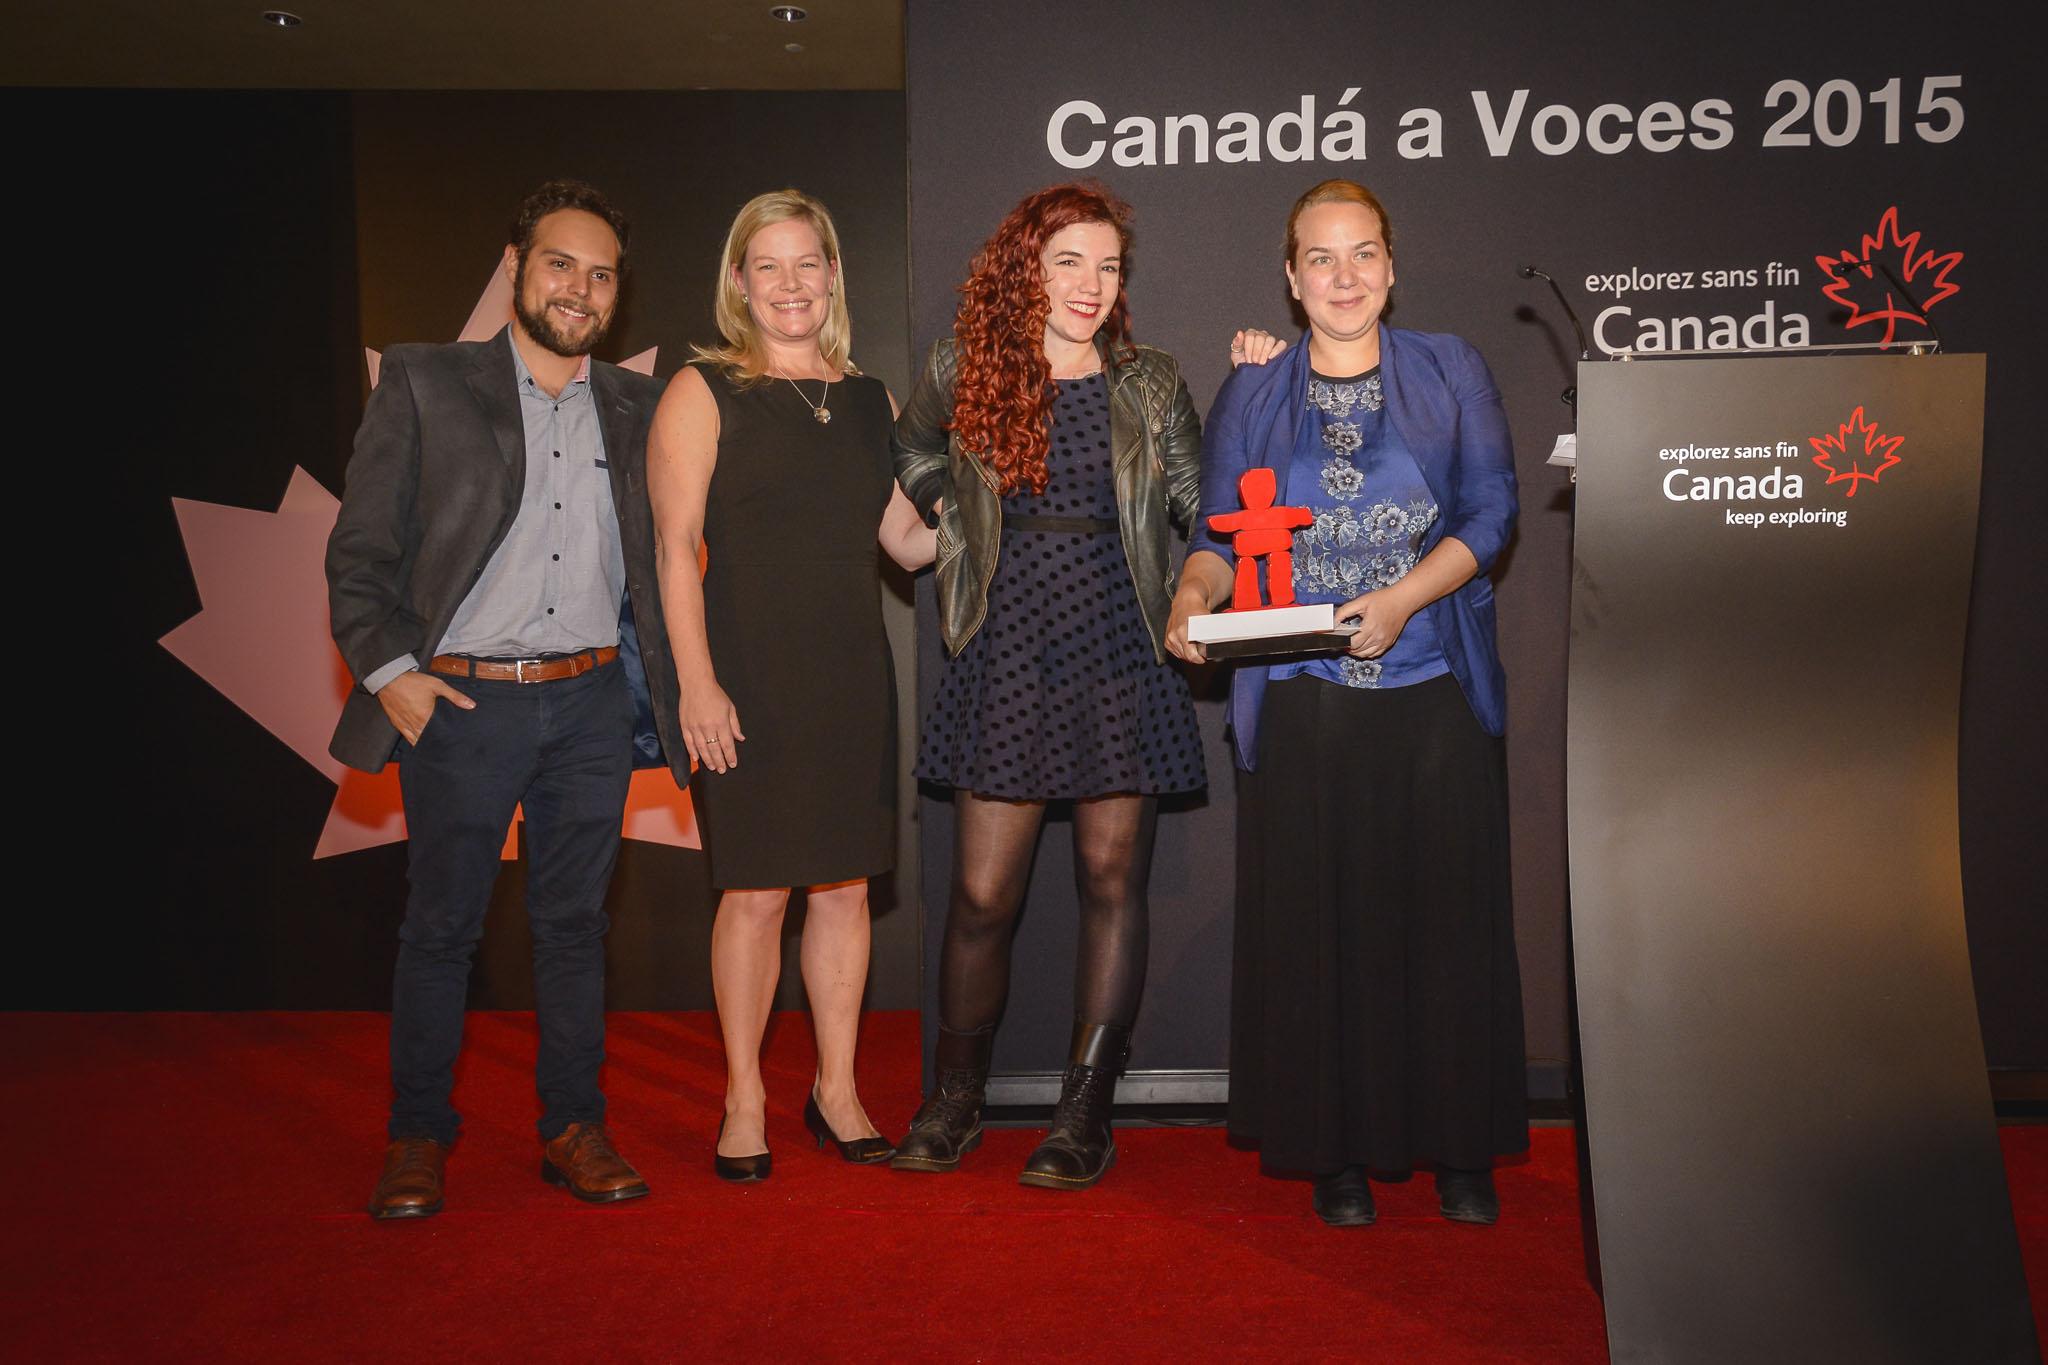 Canadá a Voces 2015 95